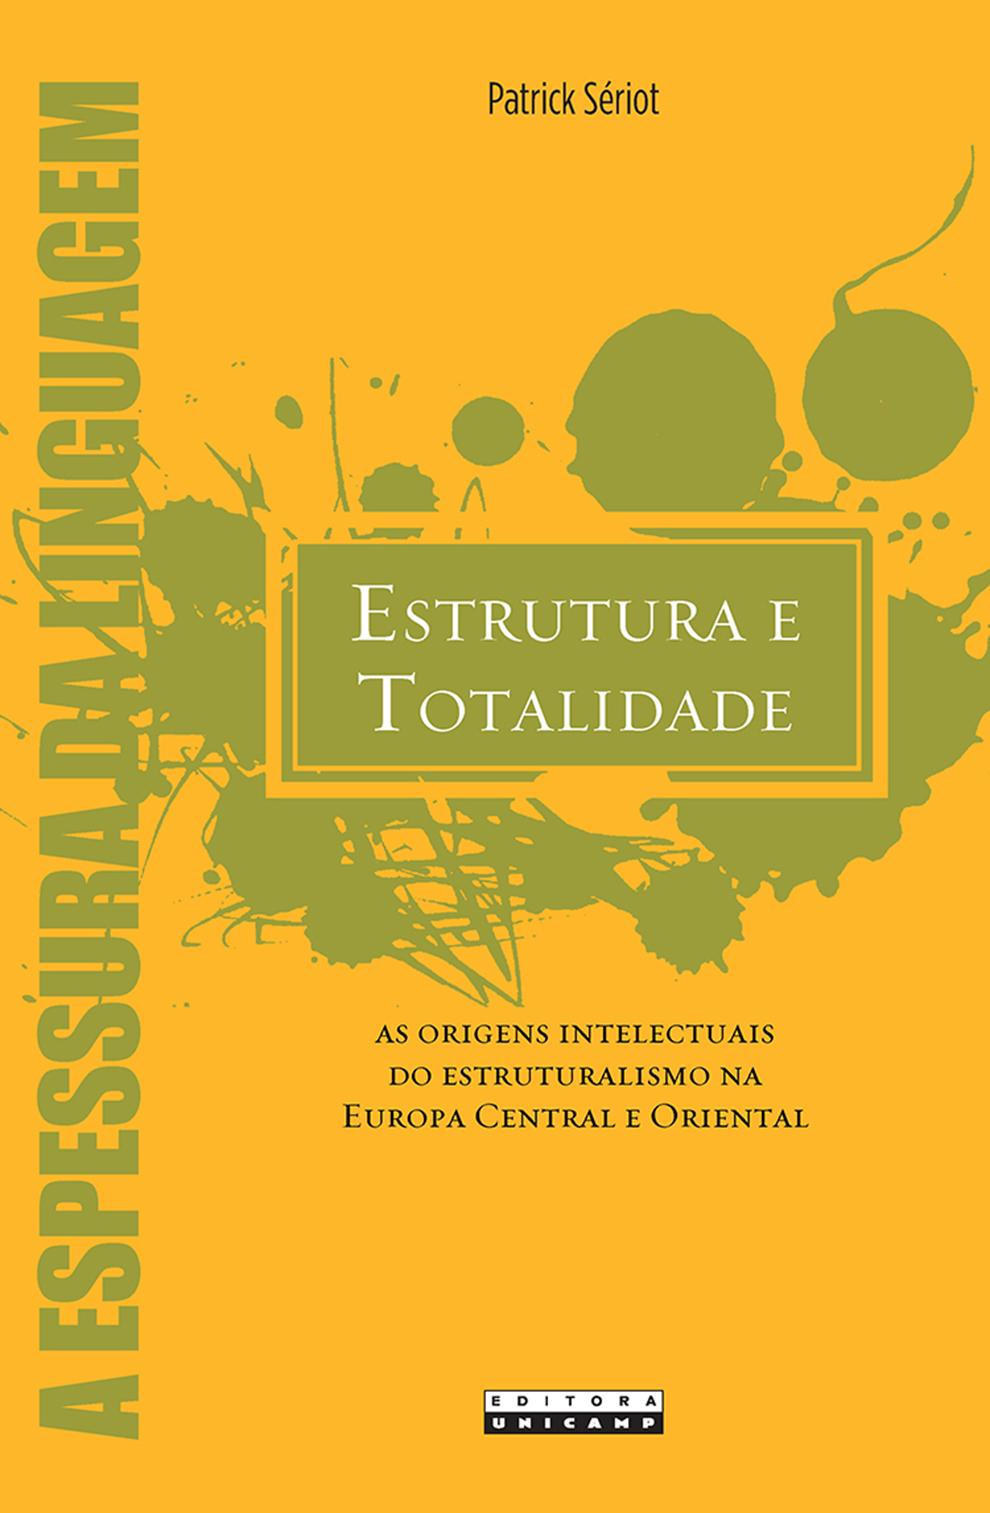 Estrutura e totalidade - As origens intelectuais do estruturalismo na Europa Central e Oriental, livro de Patrick Sériot